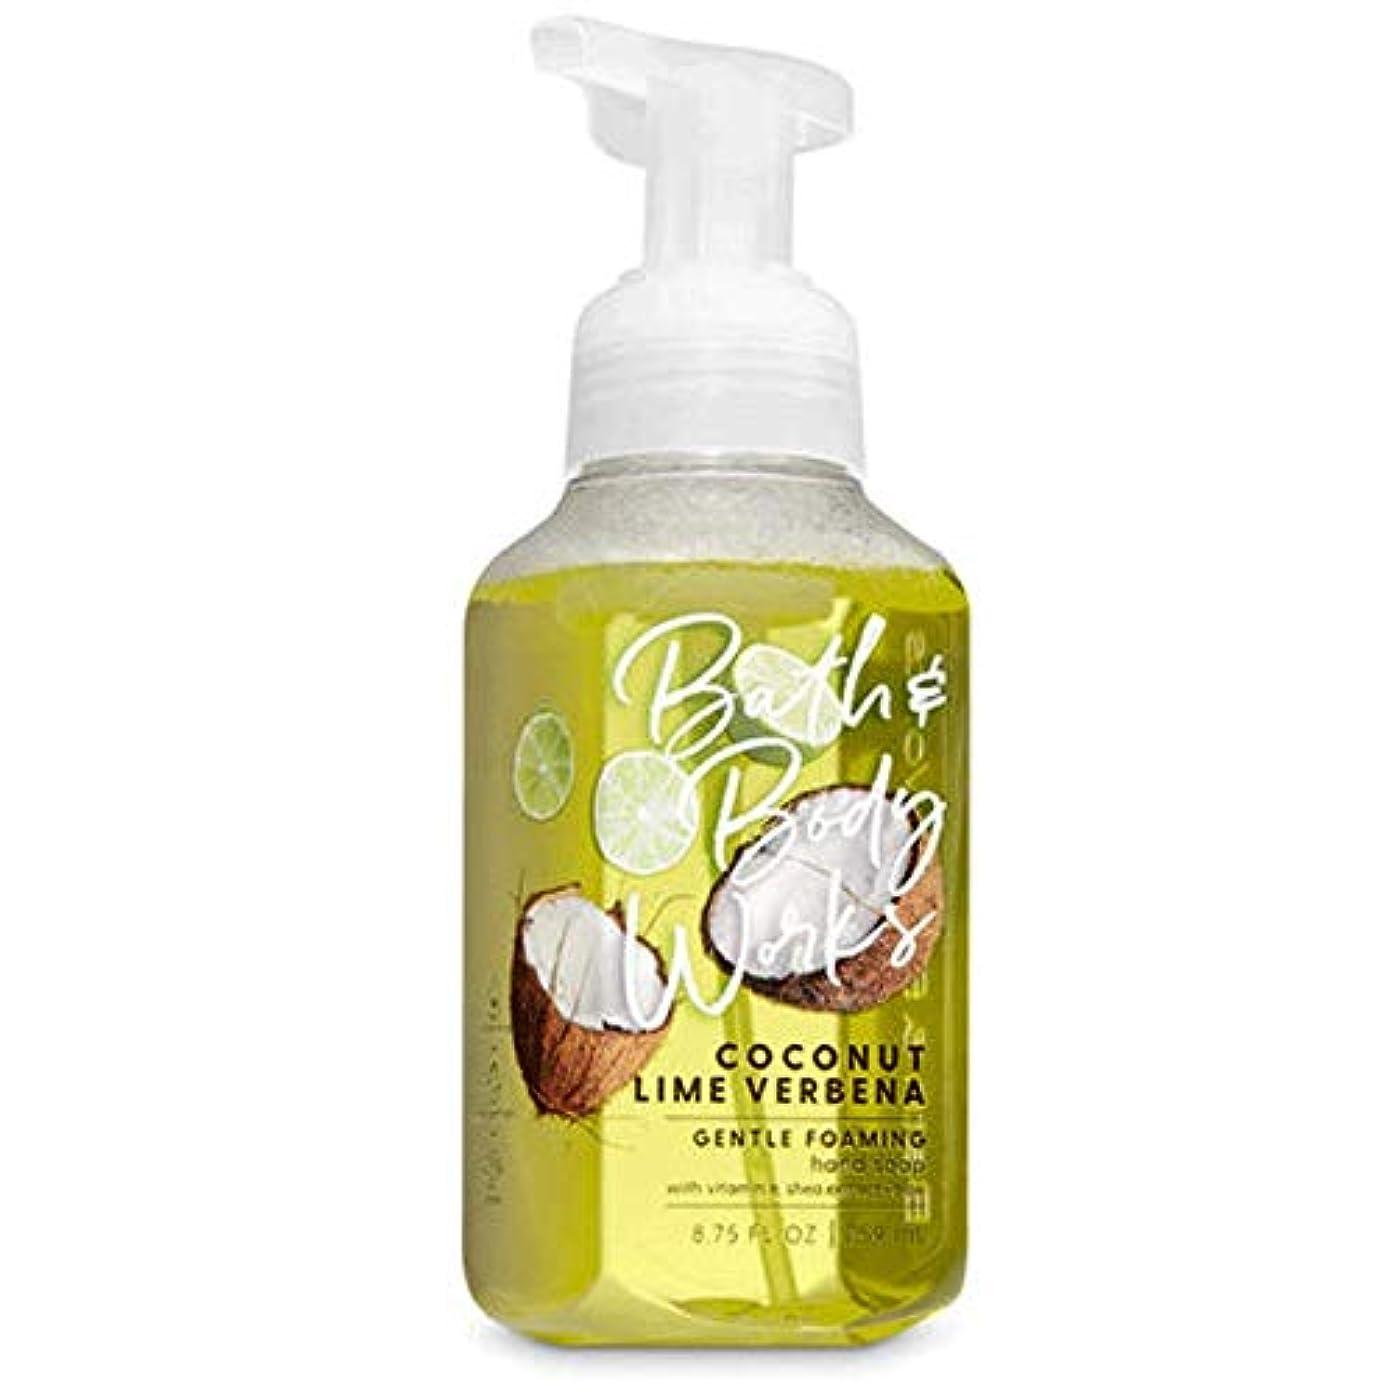 バス&ボディワークス ココナッツライムバーベナ ジェントル フォーミング ハンドソープ Coconut Lime Verbena Gentle Foaming Hand Soap